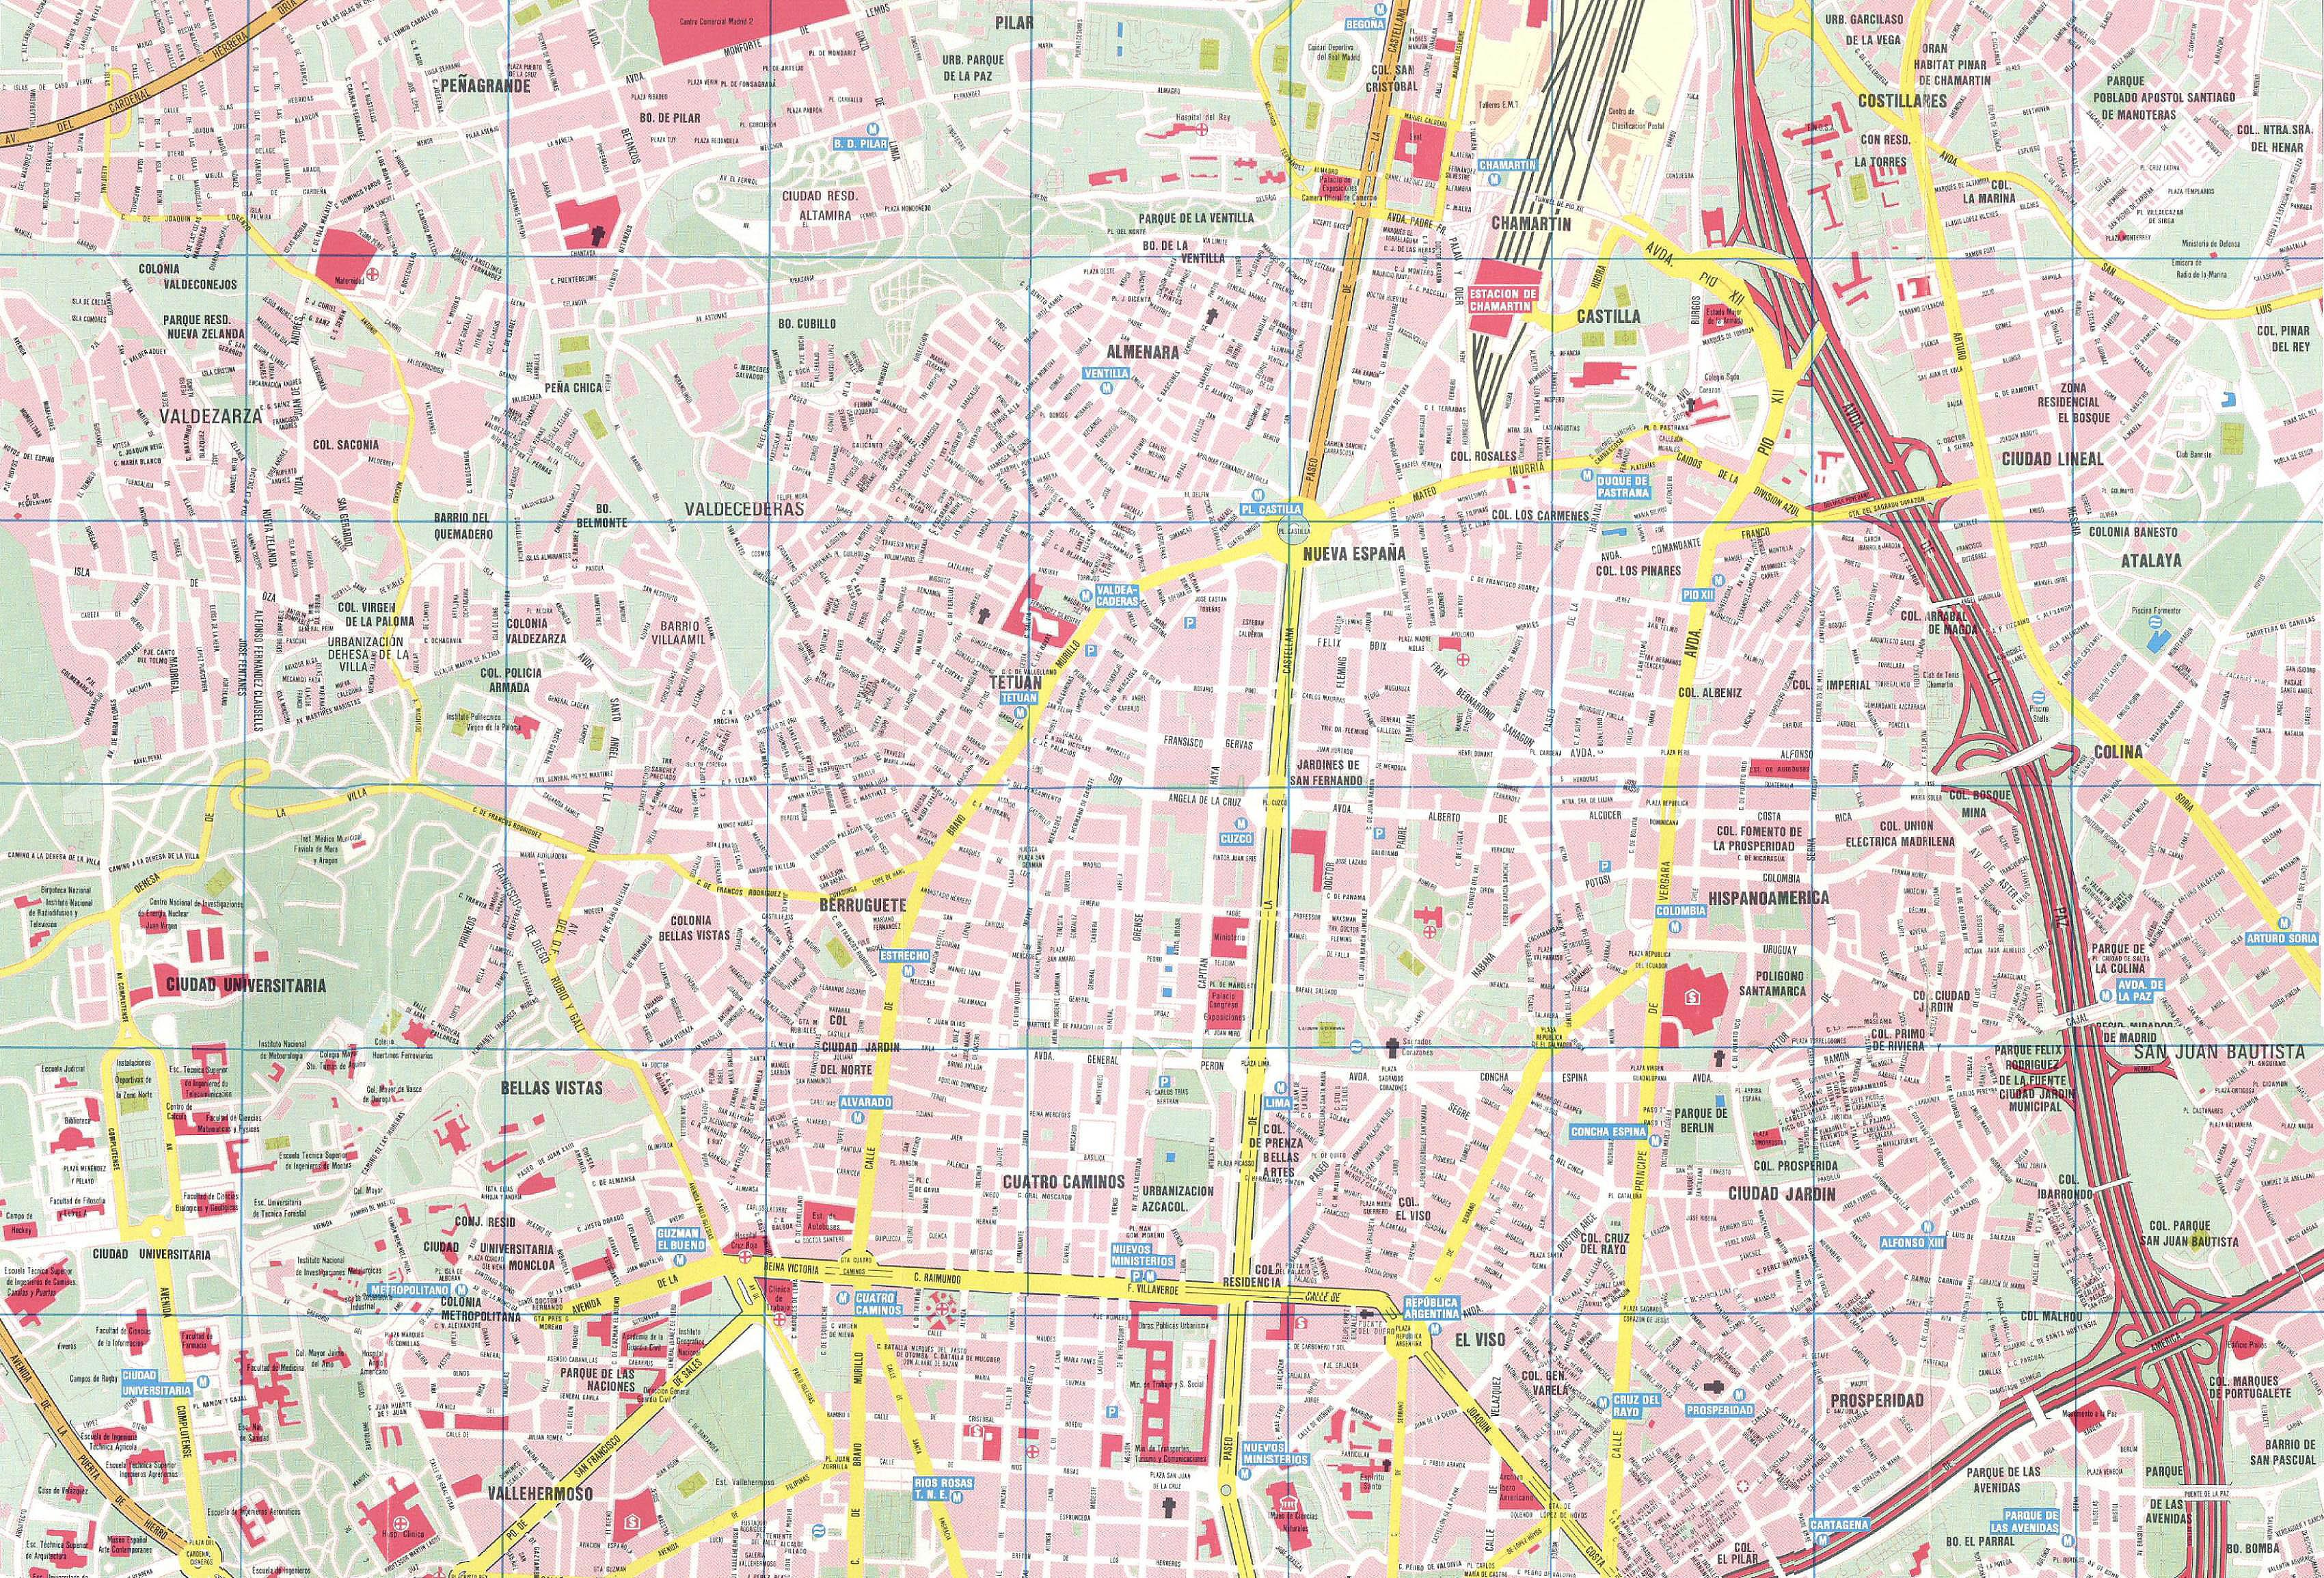 Grande Mapa de Madrid